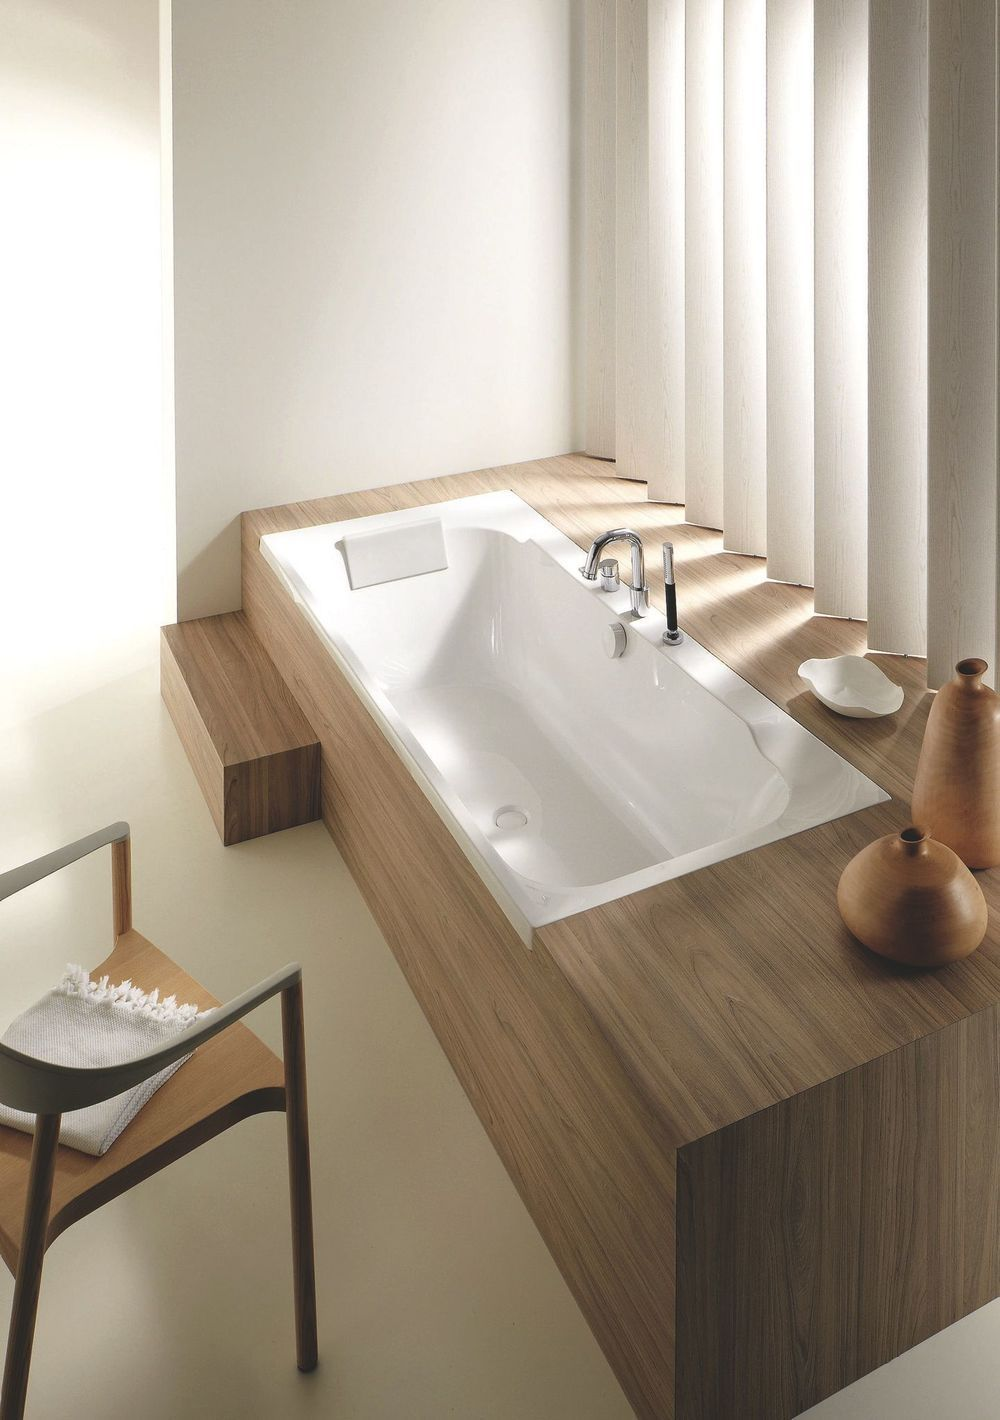 Cette Baignoire S Offre Des Formes Contemporaines In 2020 Bathroom Design Layout Bathroom Decor